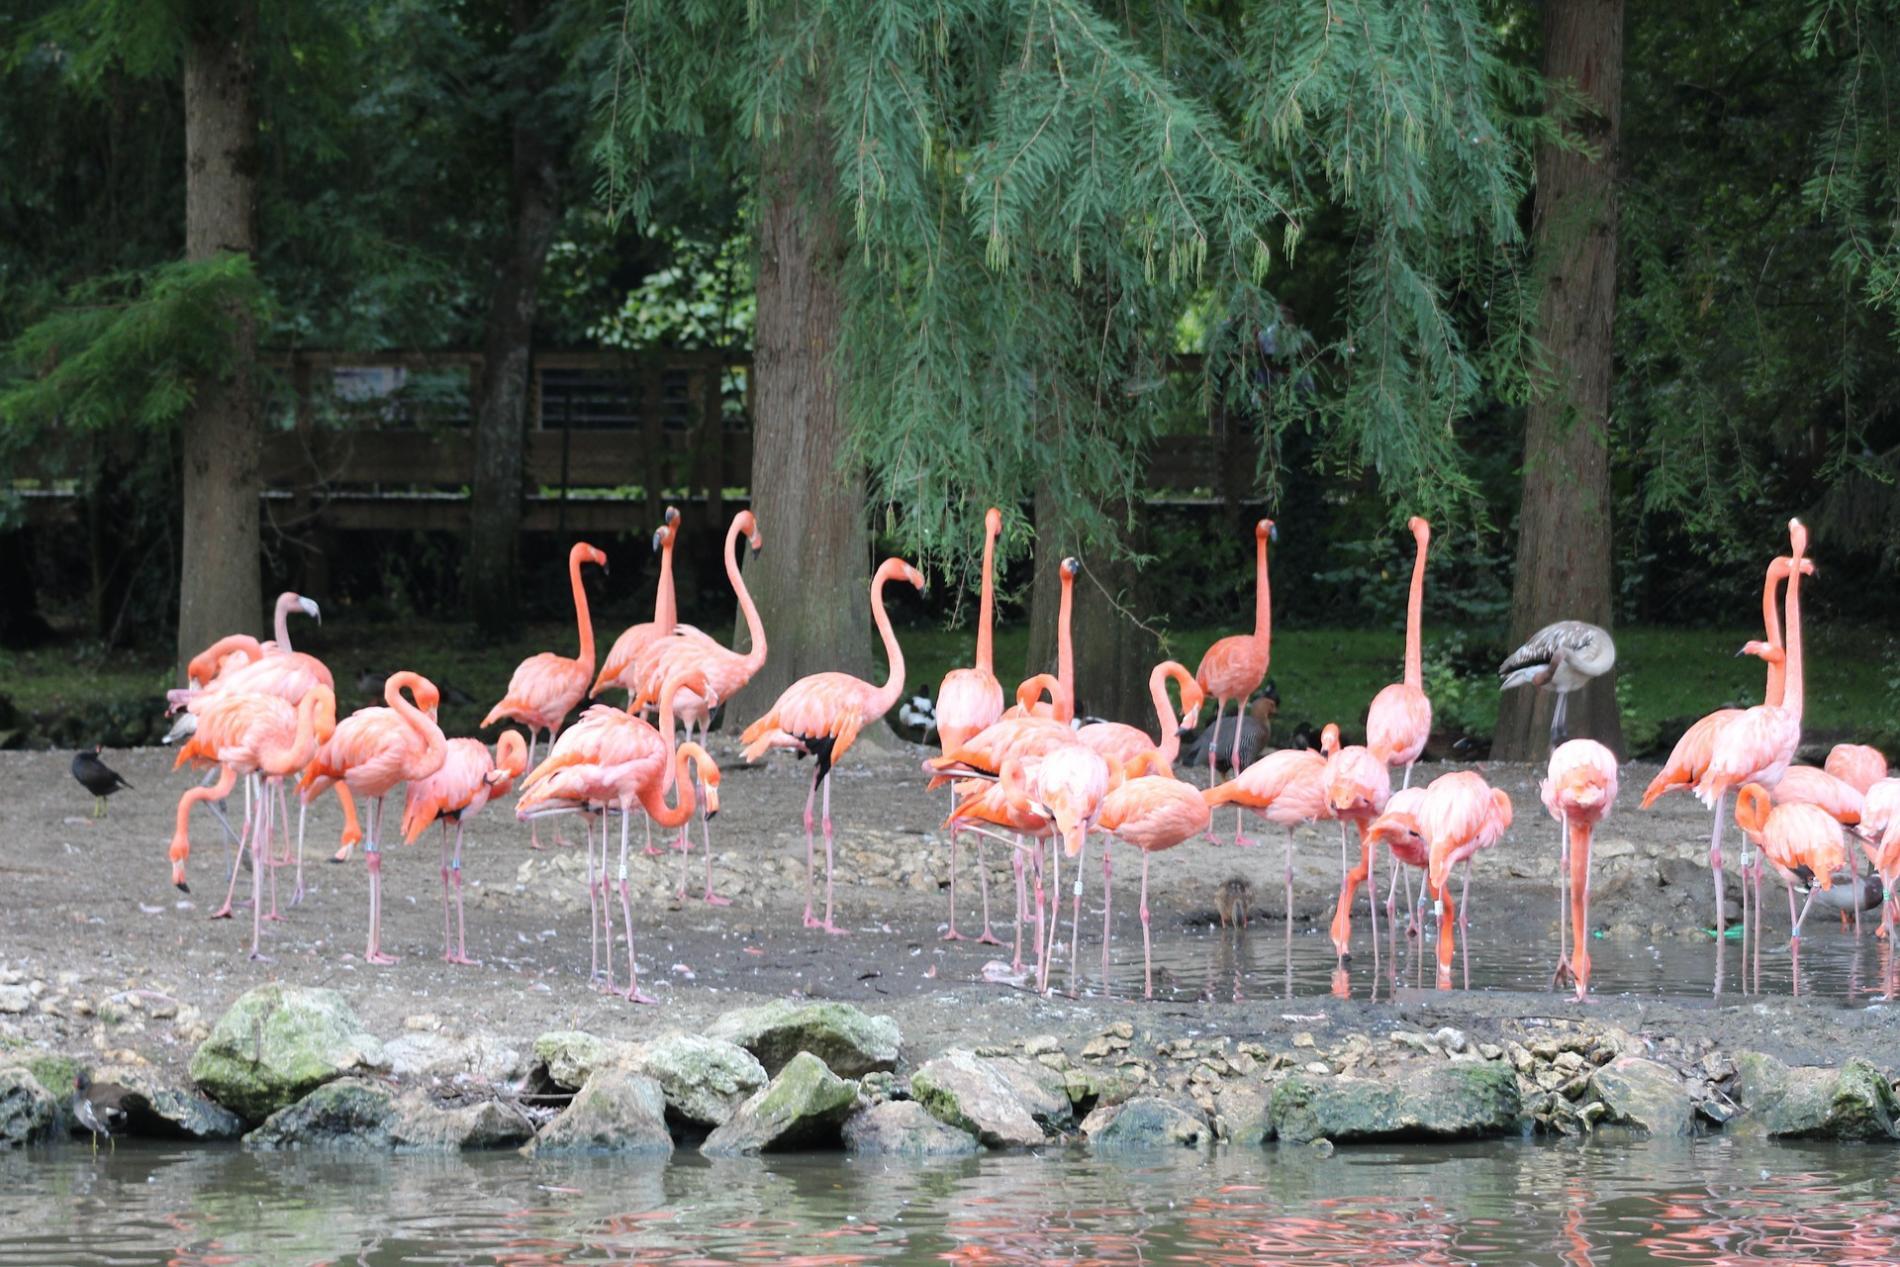 Le ZooParc de Beauval 20 km